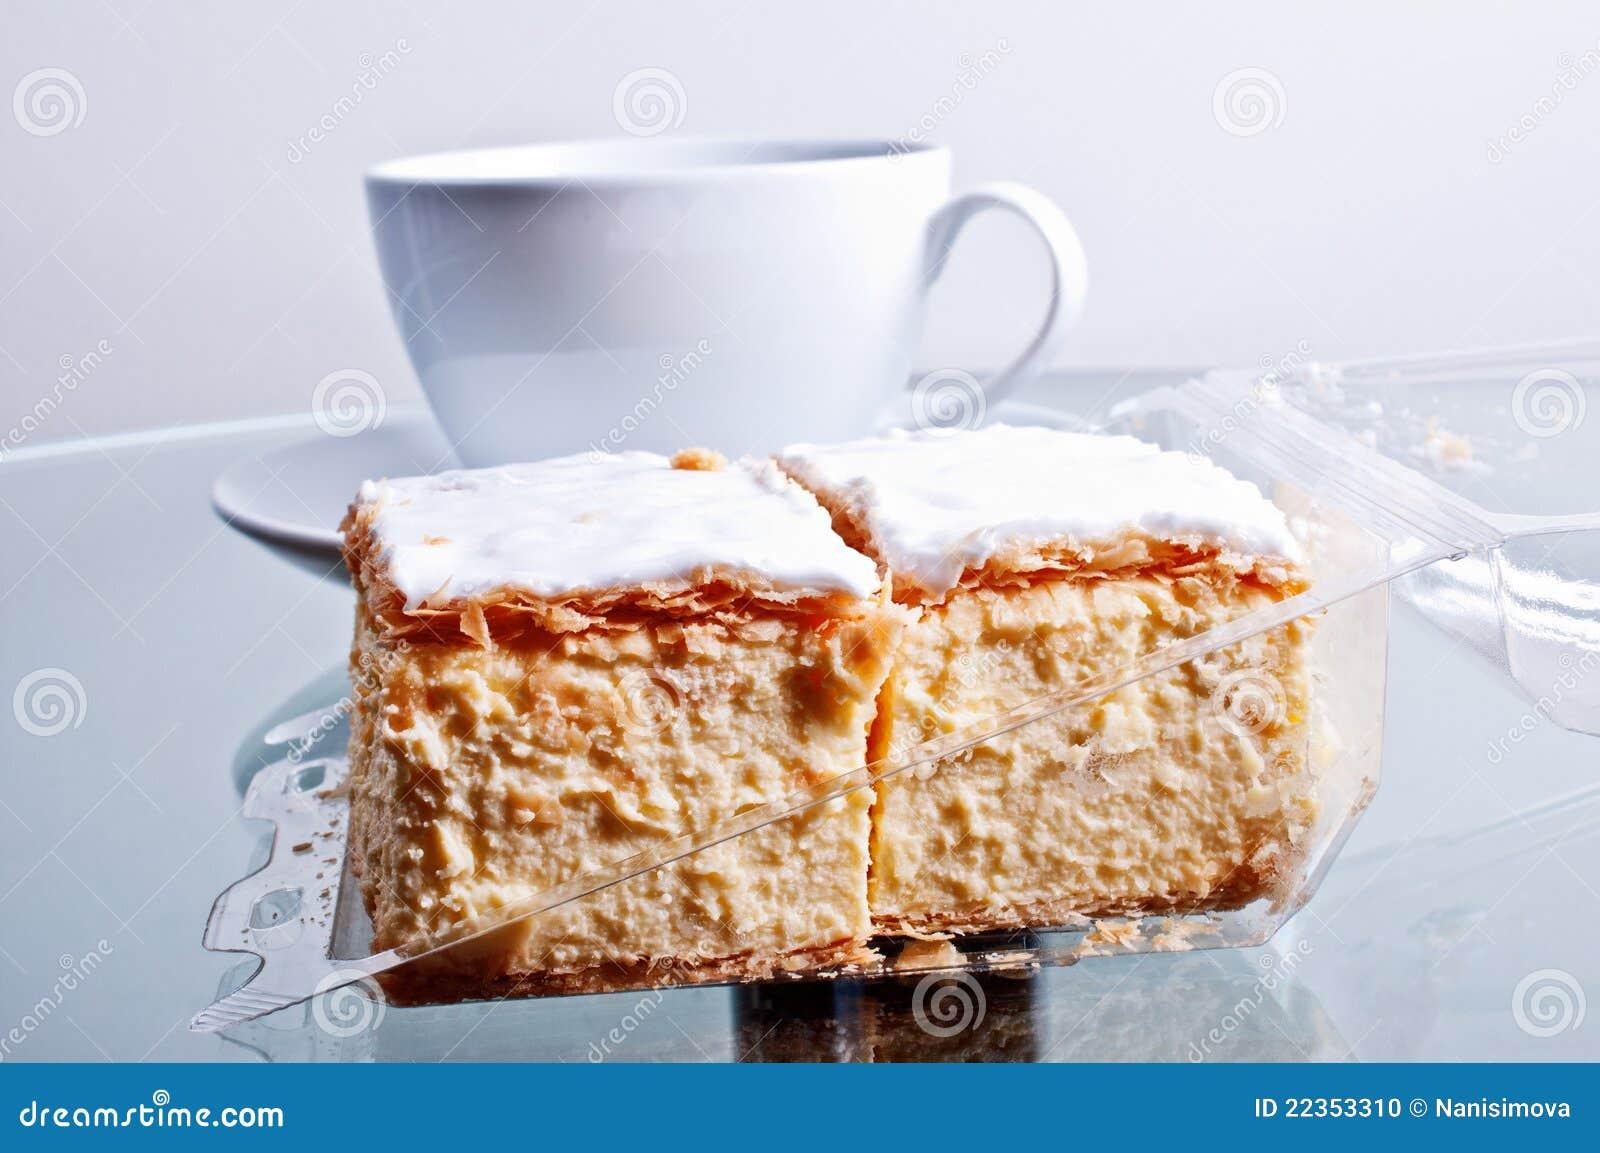 蛋糕接近的拿破仑